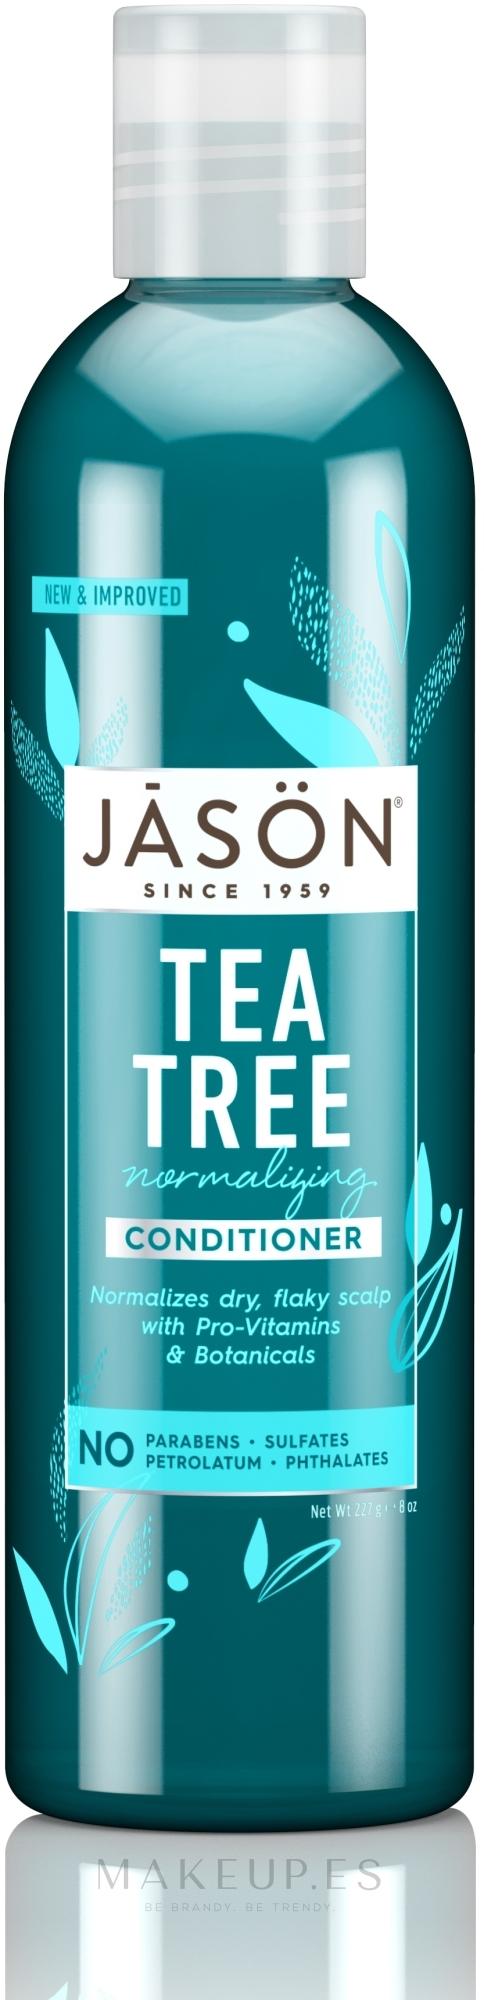 Acondicionador fortificante con aceite de árbol de té - Jason Conditioner Normalizing Tea Tree Conditioner — imagen 227 ml